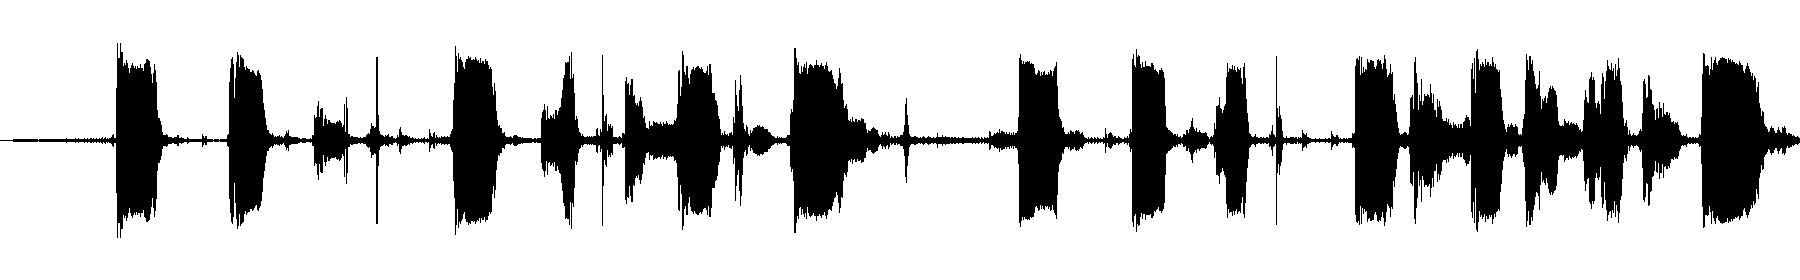 guitarfunk11 130